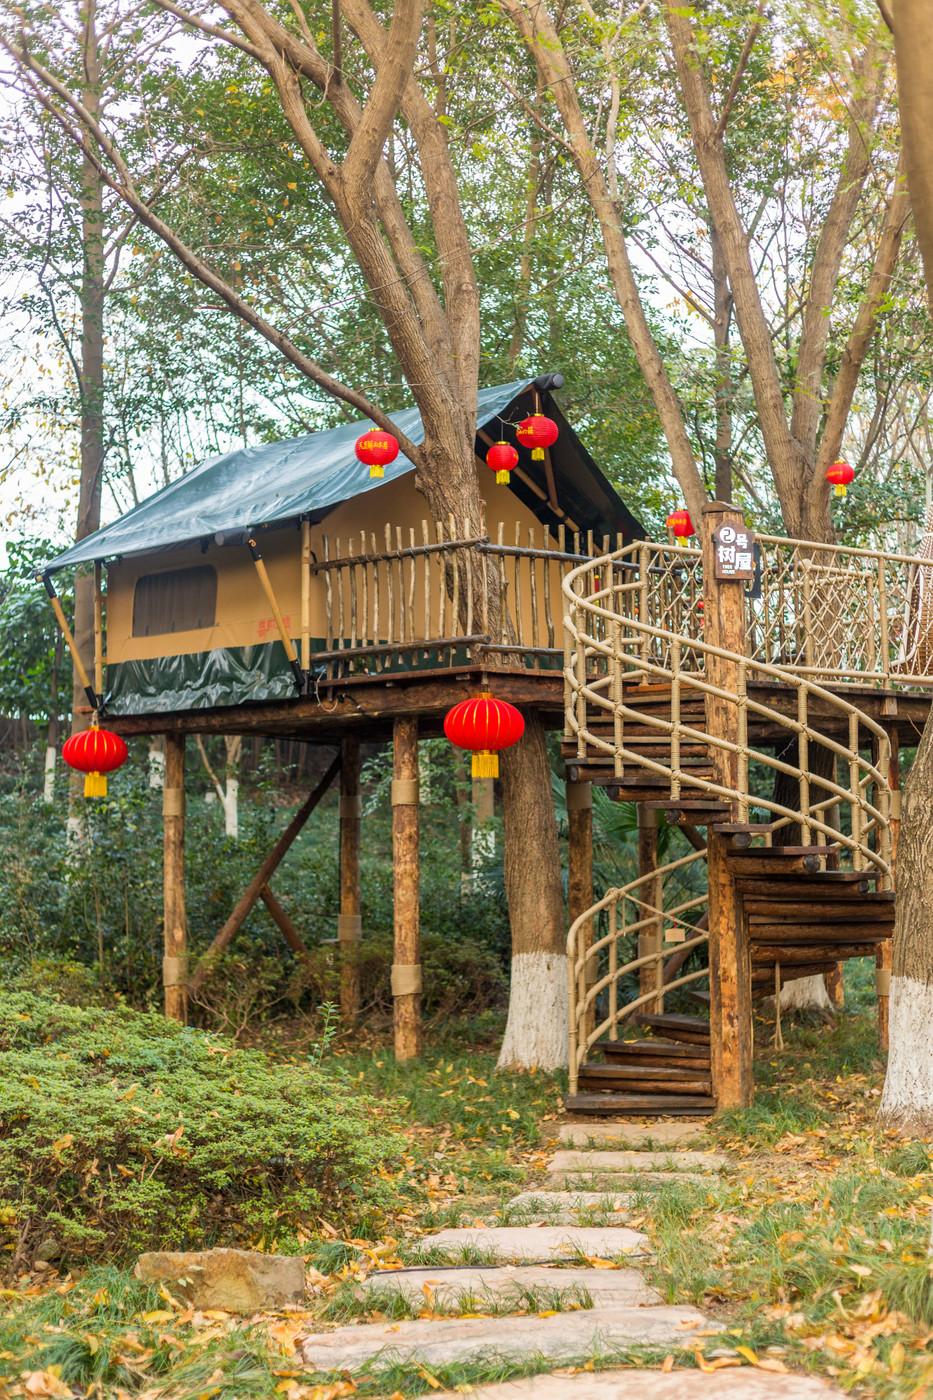 喜马拉雅野奢帐篷酒店—江苏常州天目湖树屋7